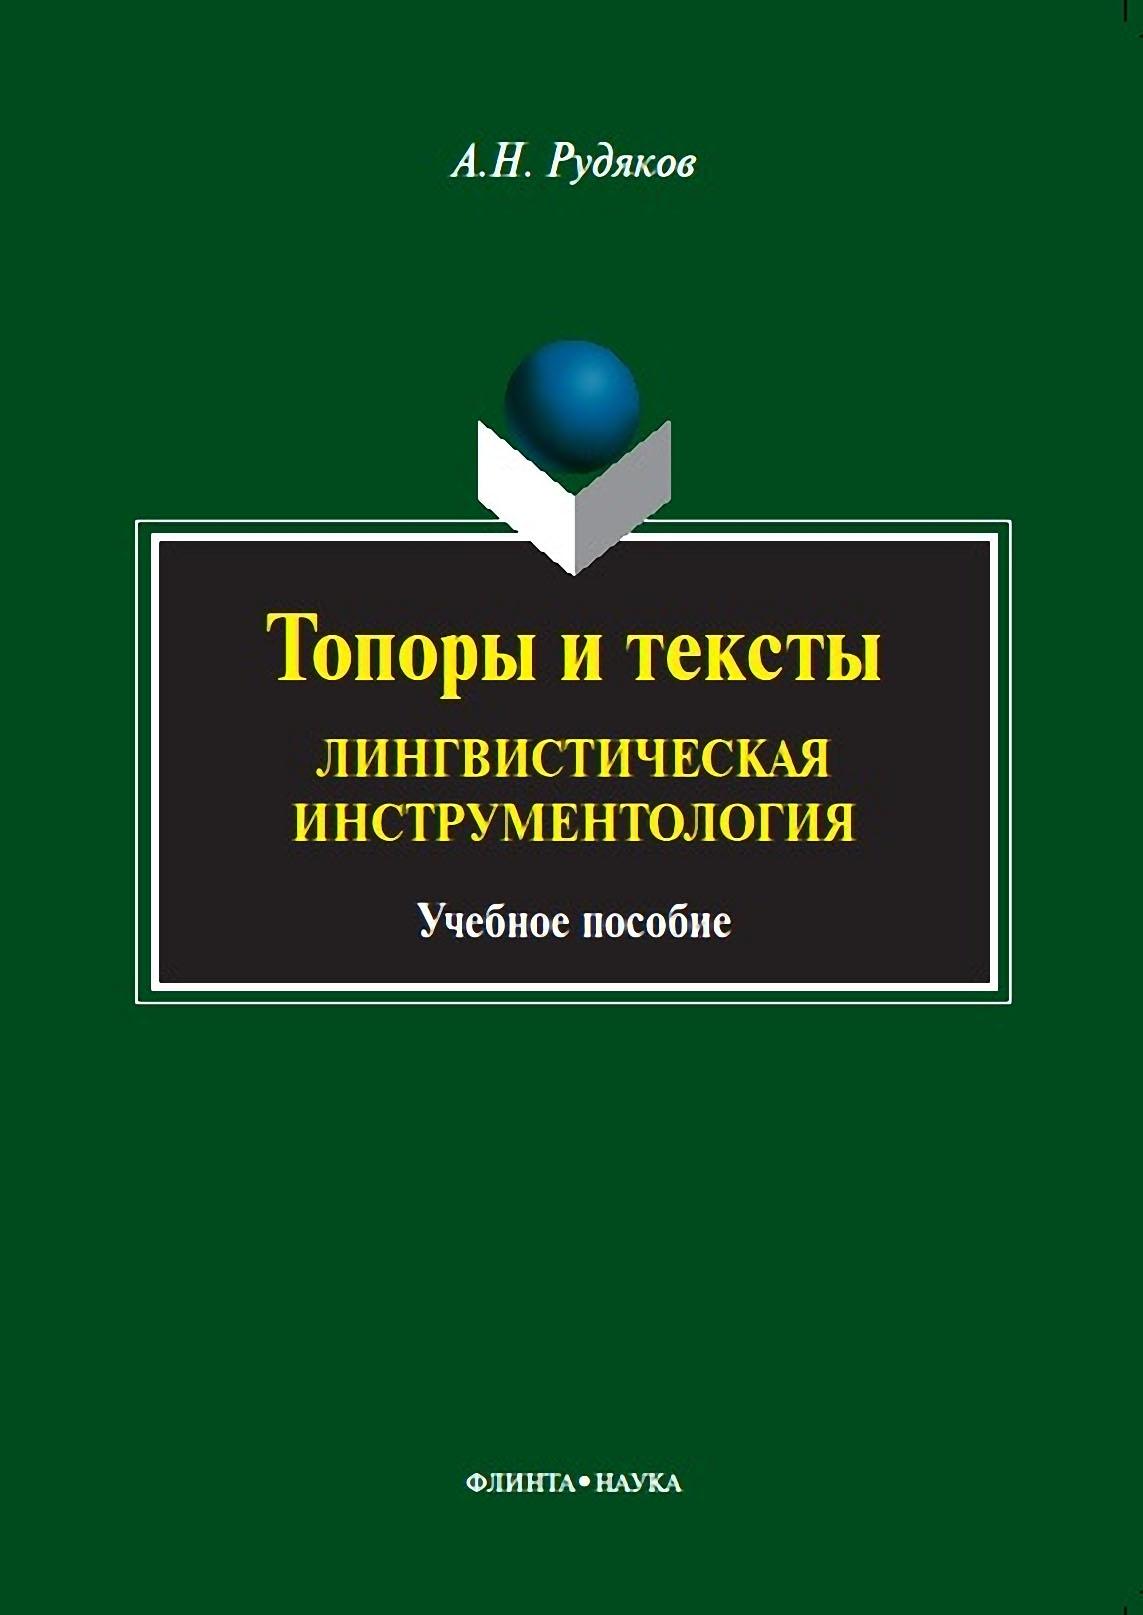 А. Н. Рудяков Топоры и тексты. Лингвистическая инструментология. Учебное пособие